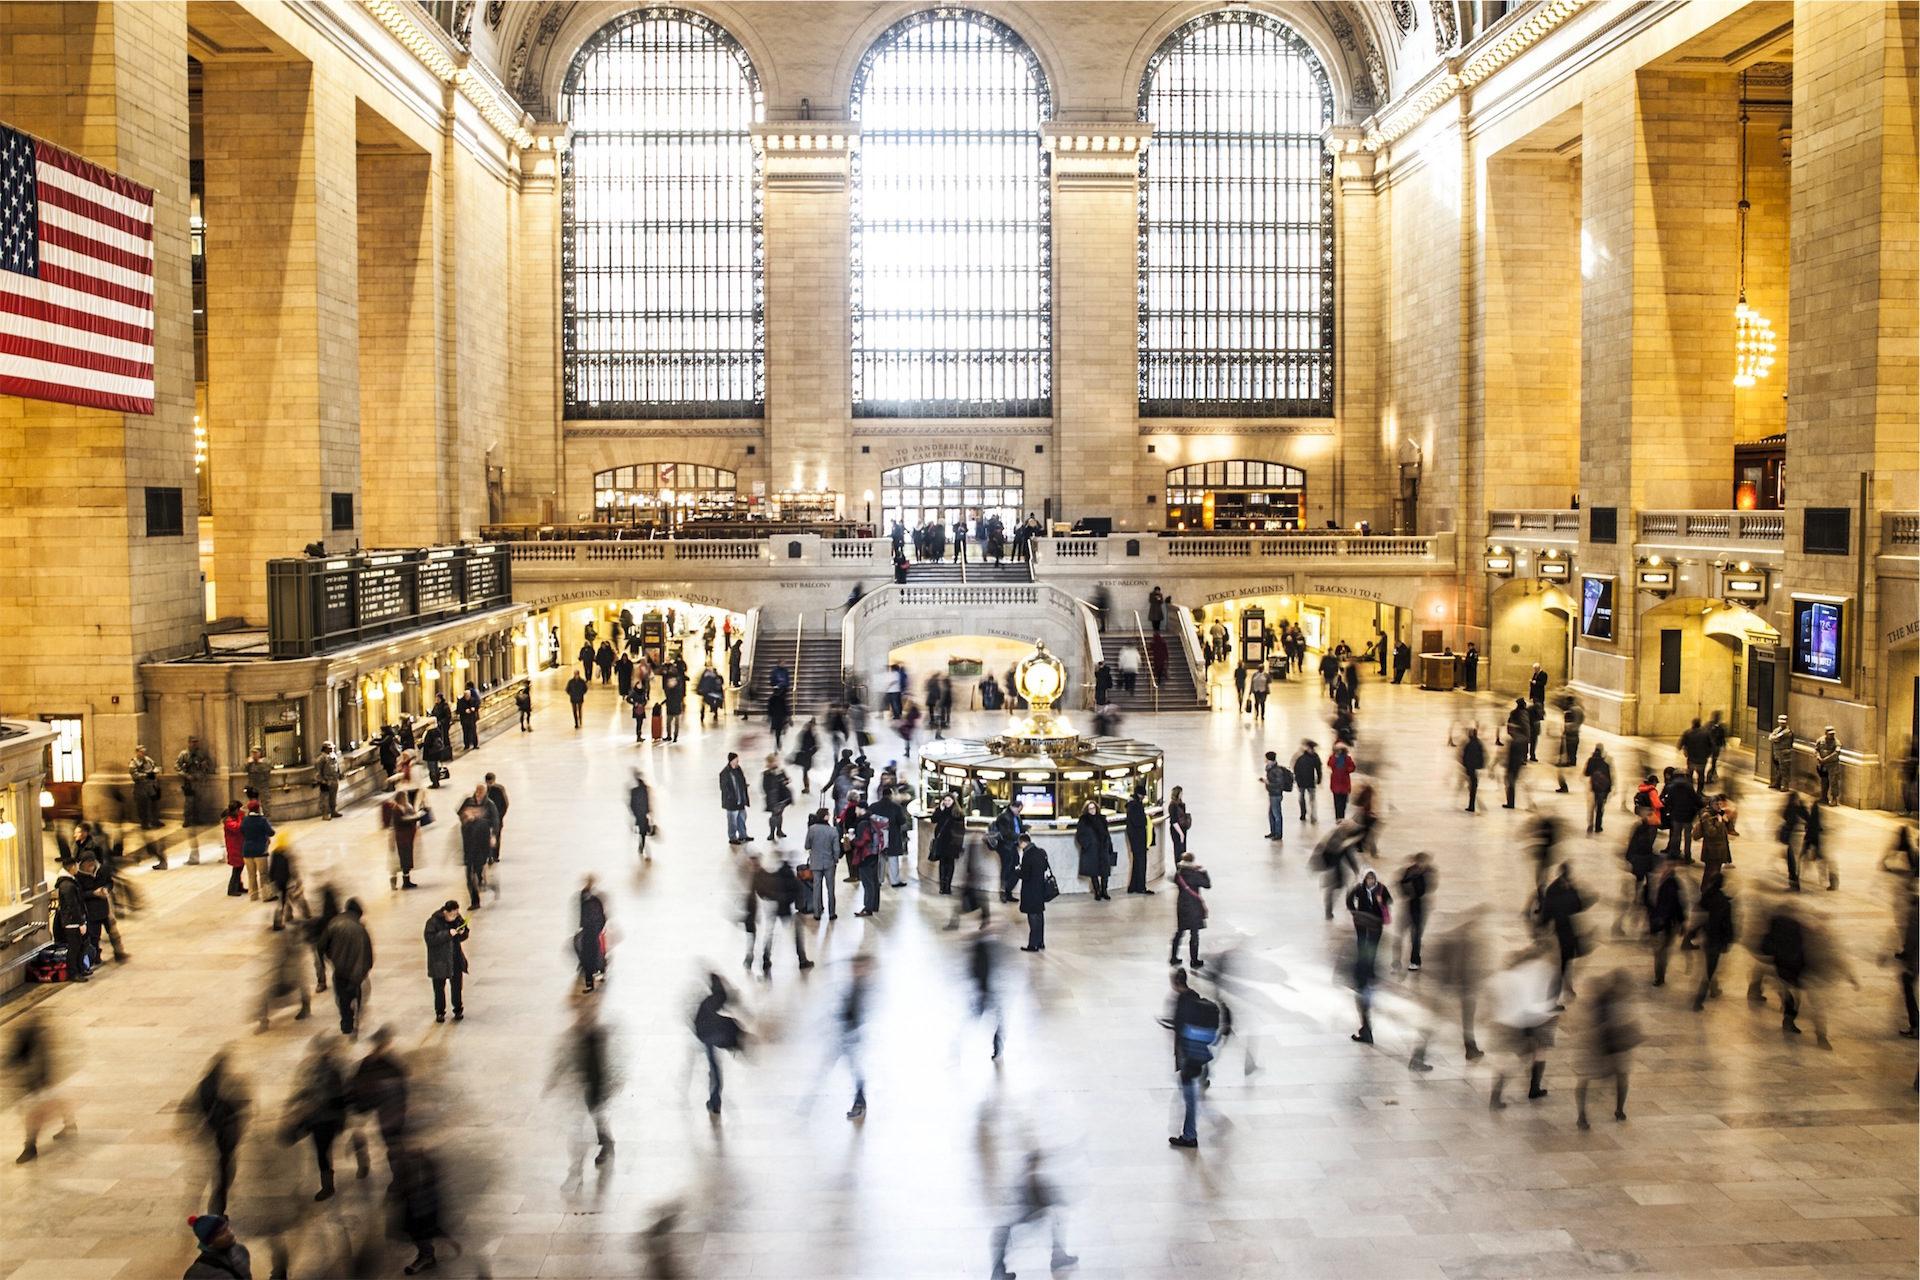 Estação, Metrô, pessoas, viajantes, Estados Unidos - Papéis de parede HD - Professor-falken.com